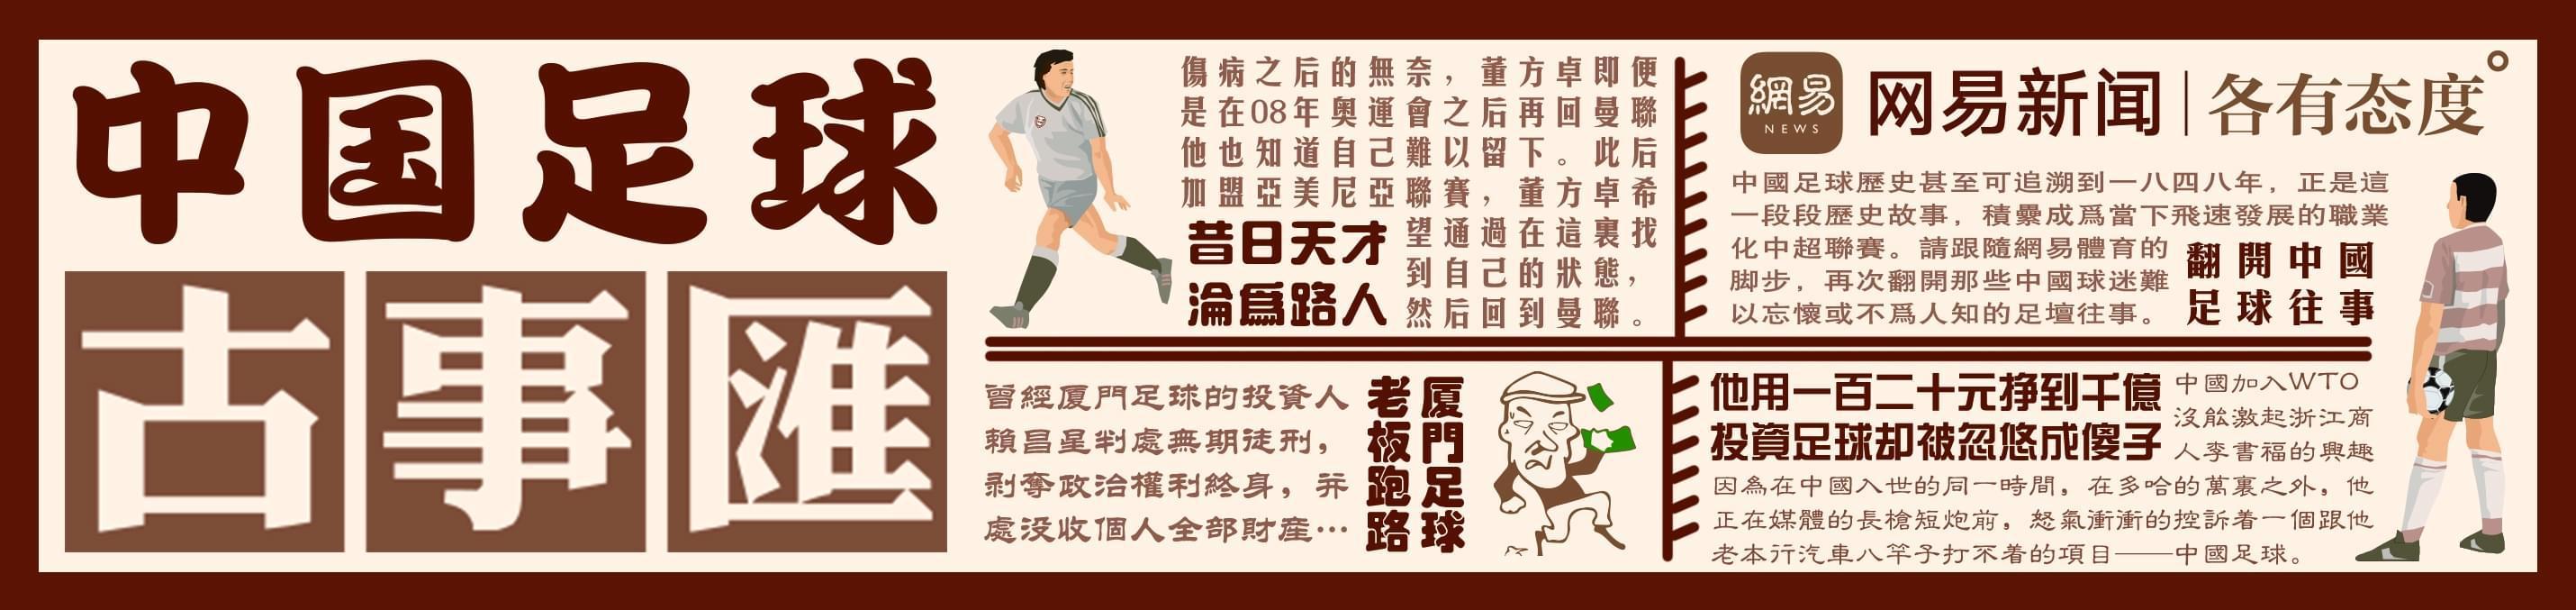 曝1中超队队长涉假球遭俱乐部活埋 逃至香港曝光黑幕